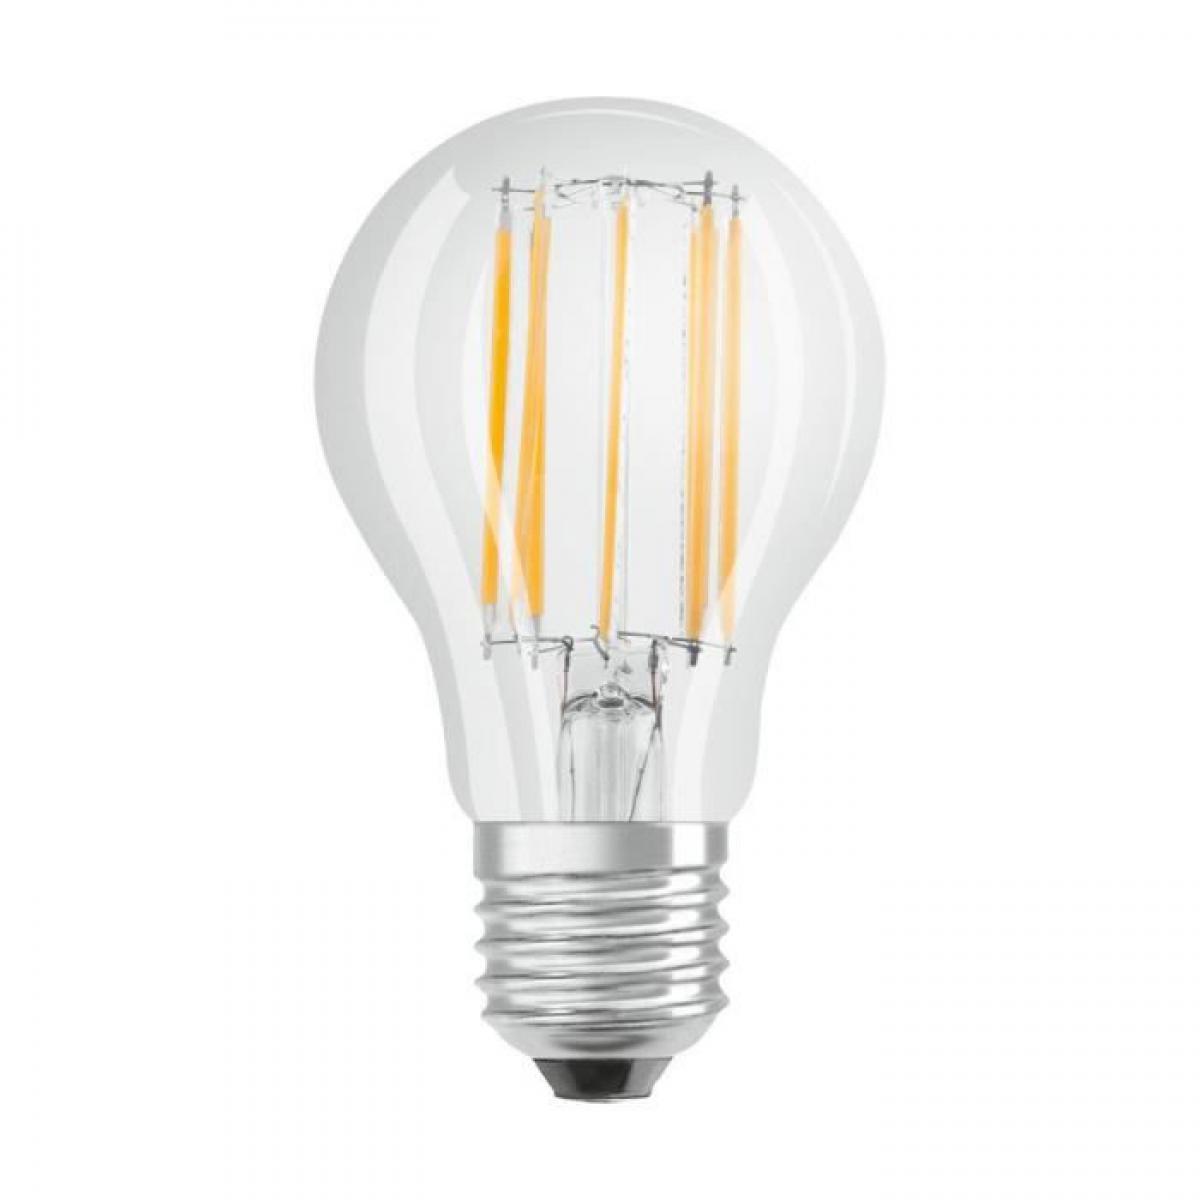 Cstore BELLALUX Lot de 6 Ampoules LED Standard clair filament 11W=100 E27 froid